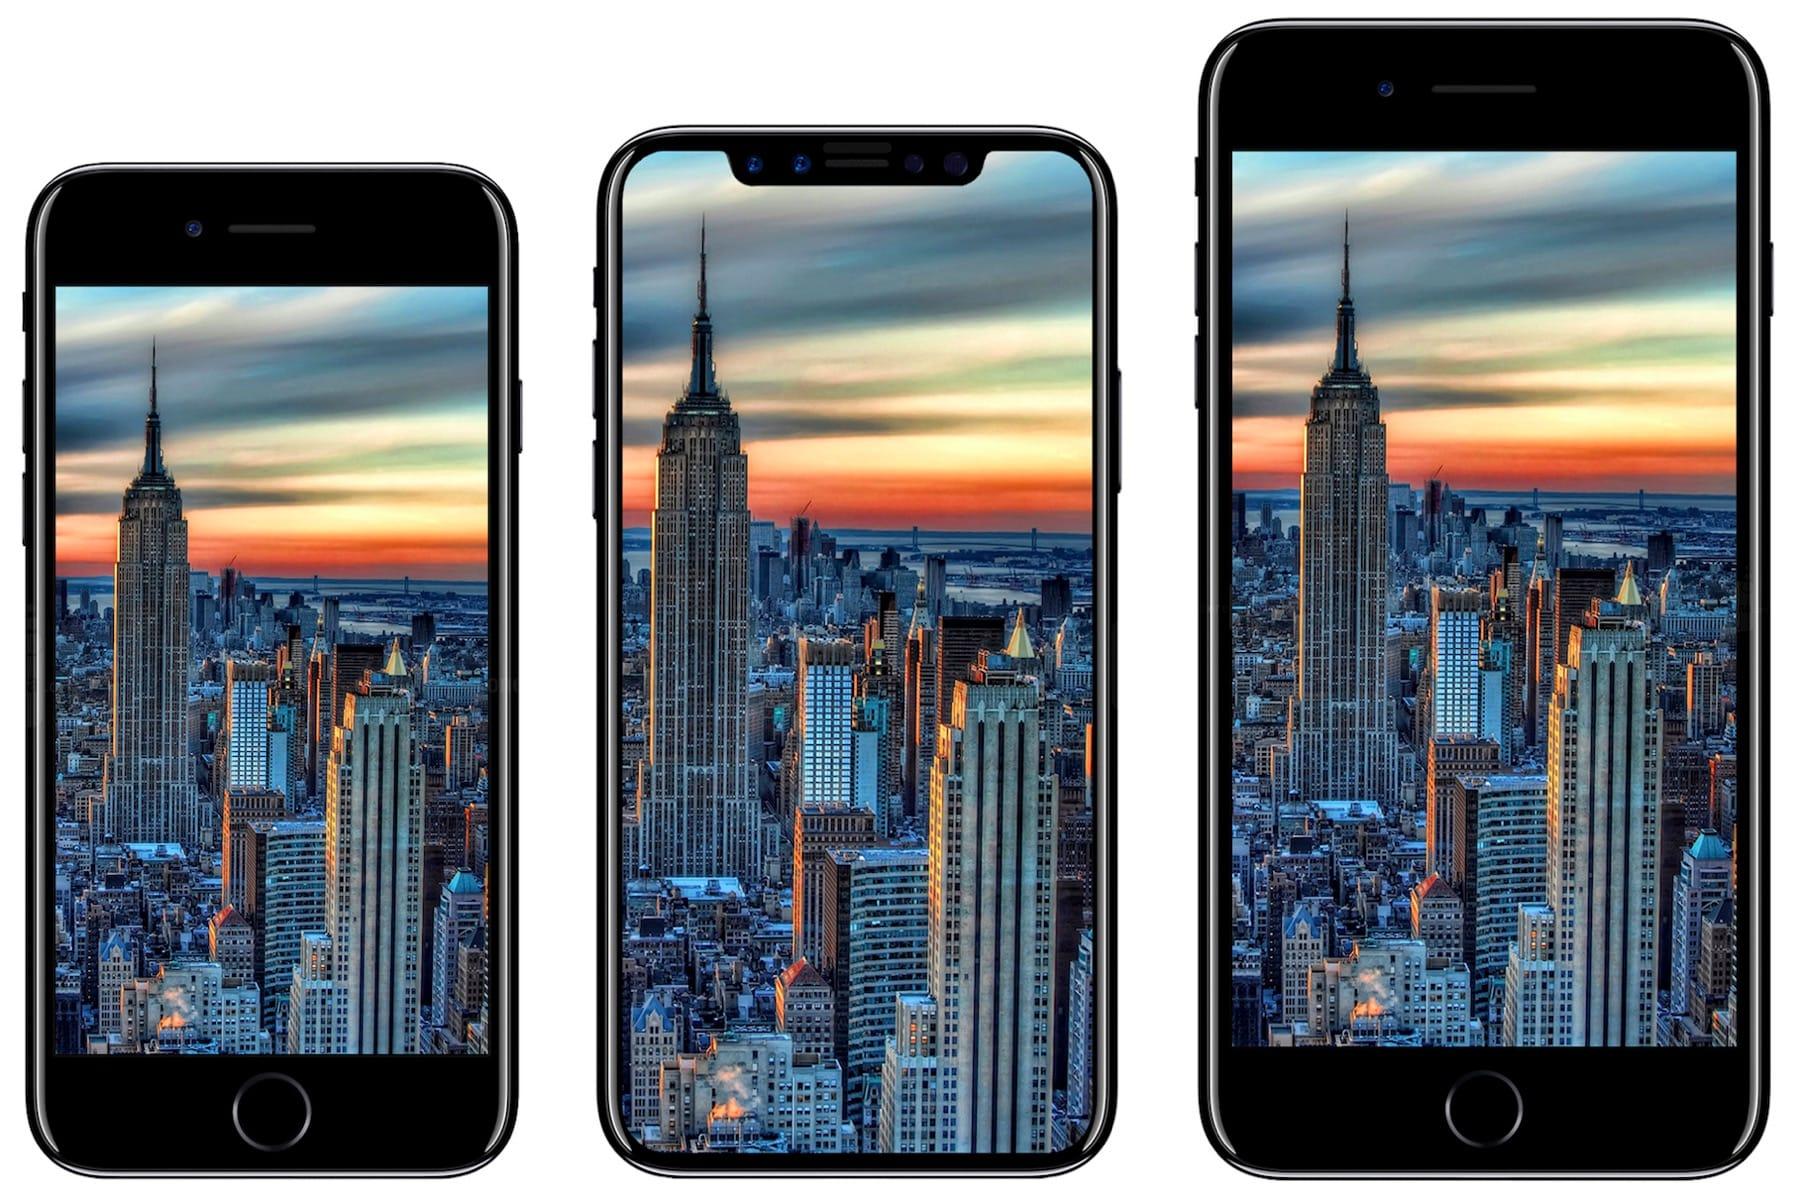 IPhone 9 может обзавестись камерой Largan свыше 12 Мп